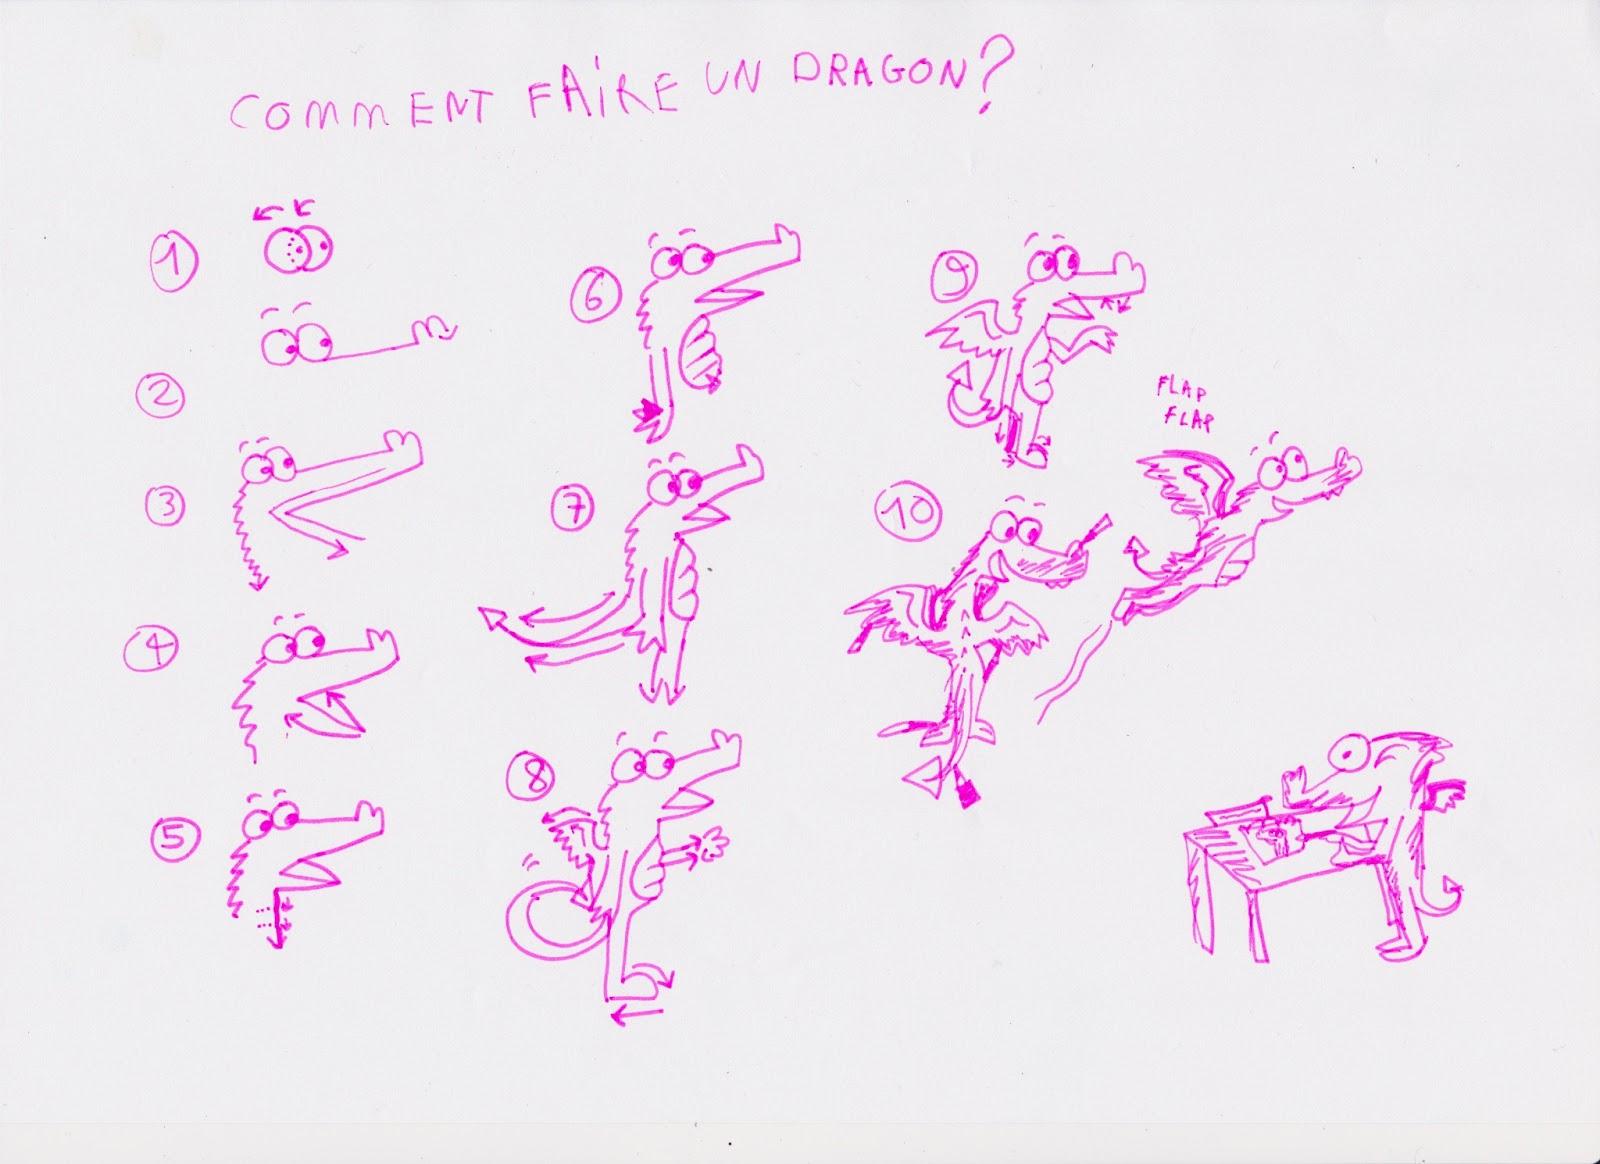 Le monde de fleufinette mes bd fantastiques dessins et autres choses comment dessiner un dragon - Dessiner dragon ...